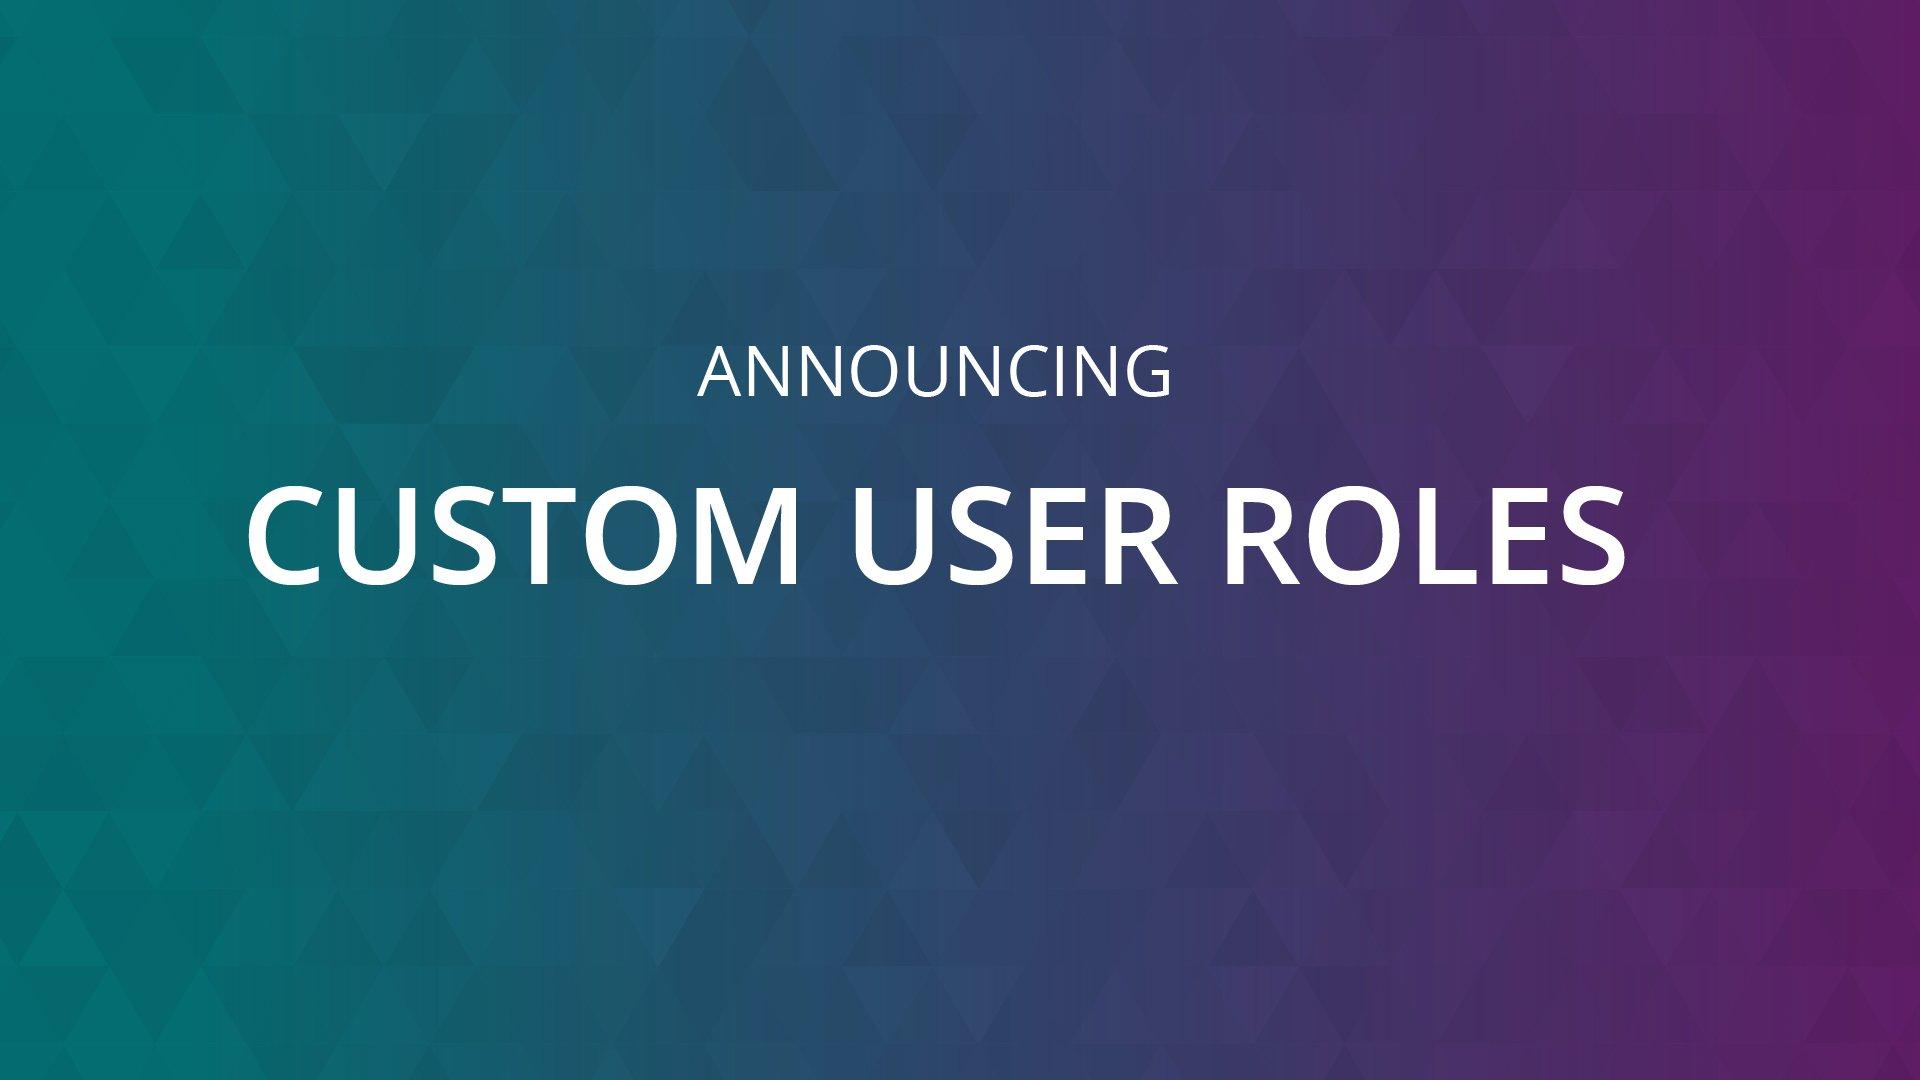 Custom User Roles Announcement Graphic